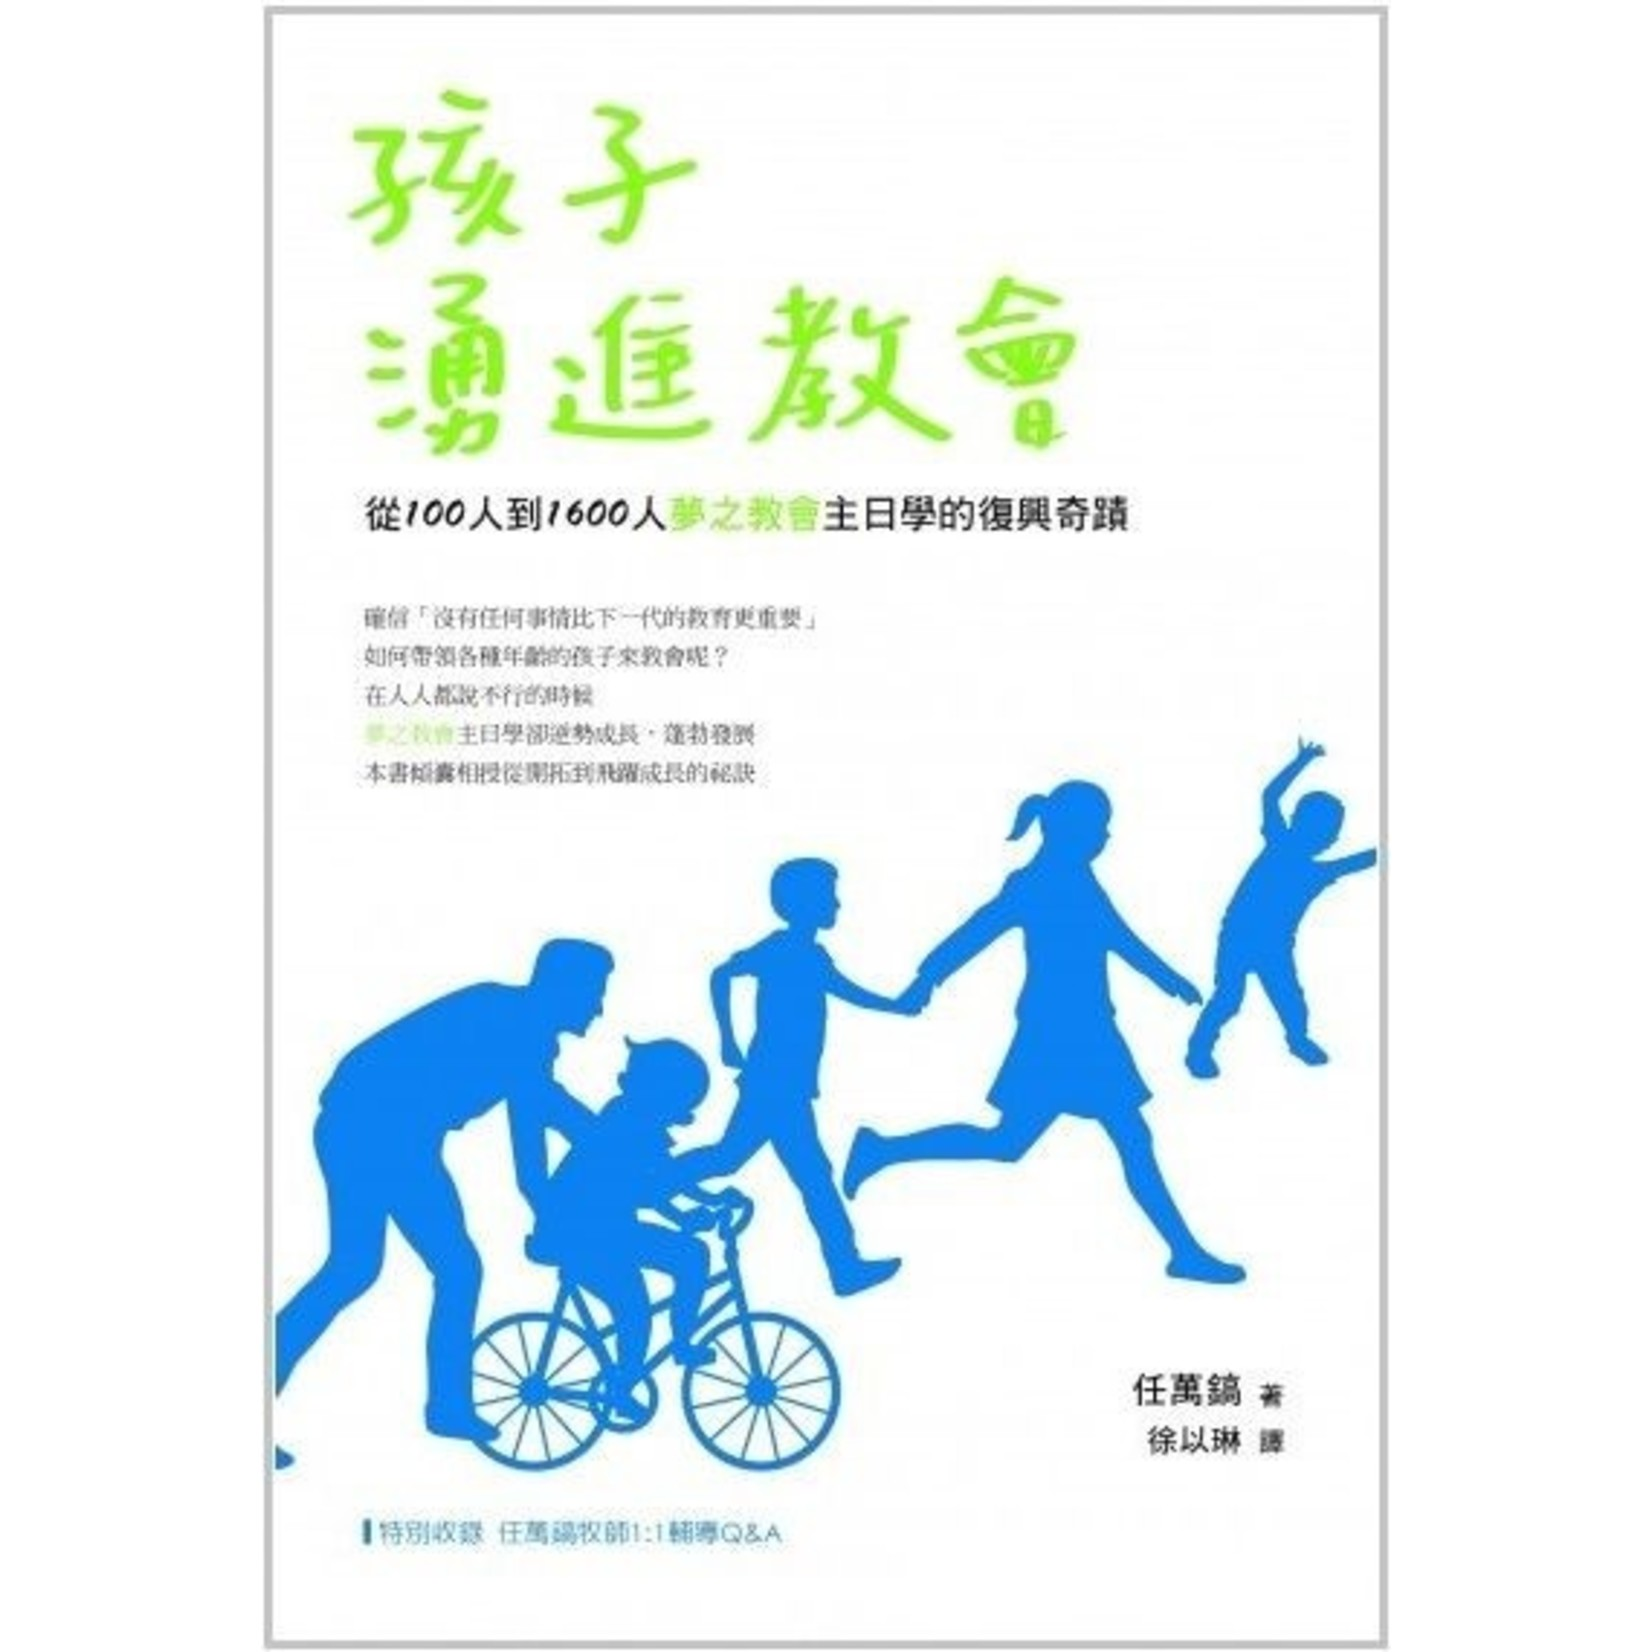 中國主日學協會 China Sunday School Association 孩子湧進教會:從100人到1600人夢之教會主日學的復興奇蹟